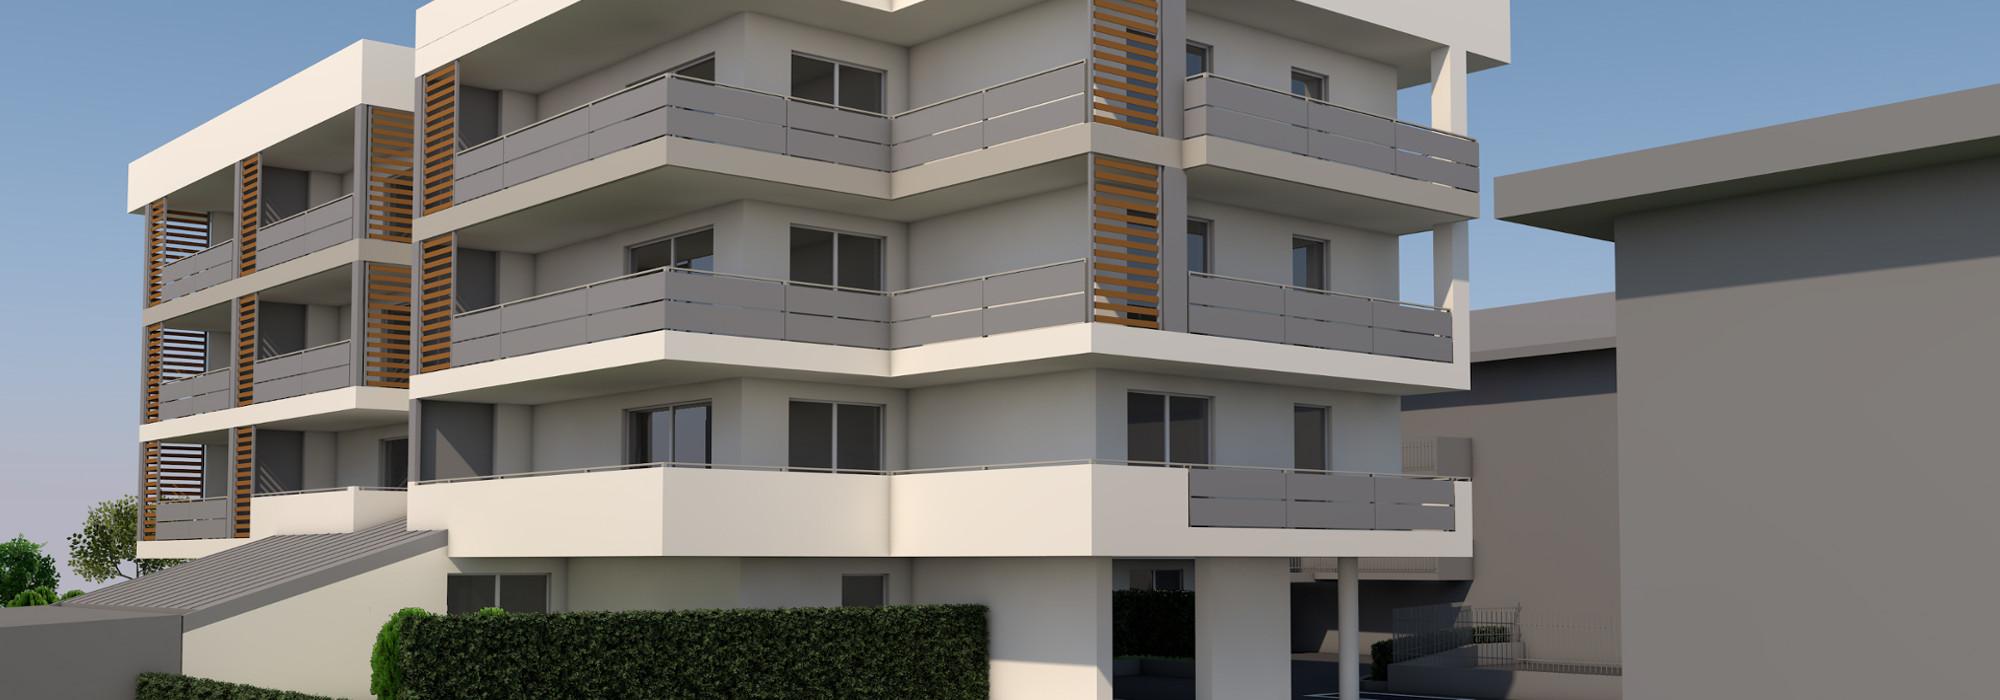 Nuova Residenza Jacopino | Rovereto-Lizzanella, Via Jacopino